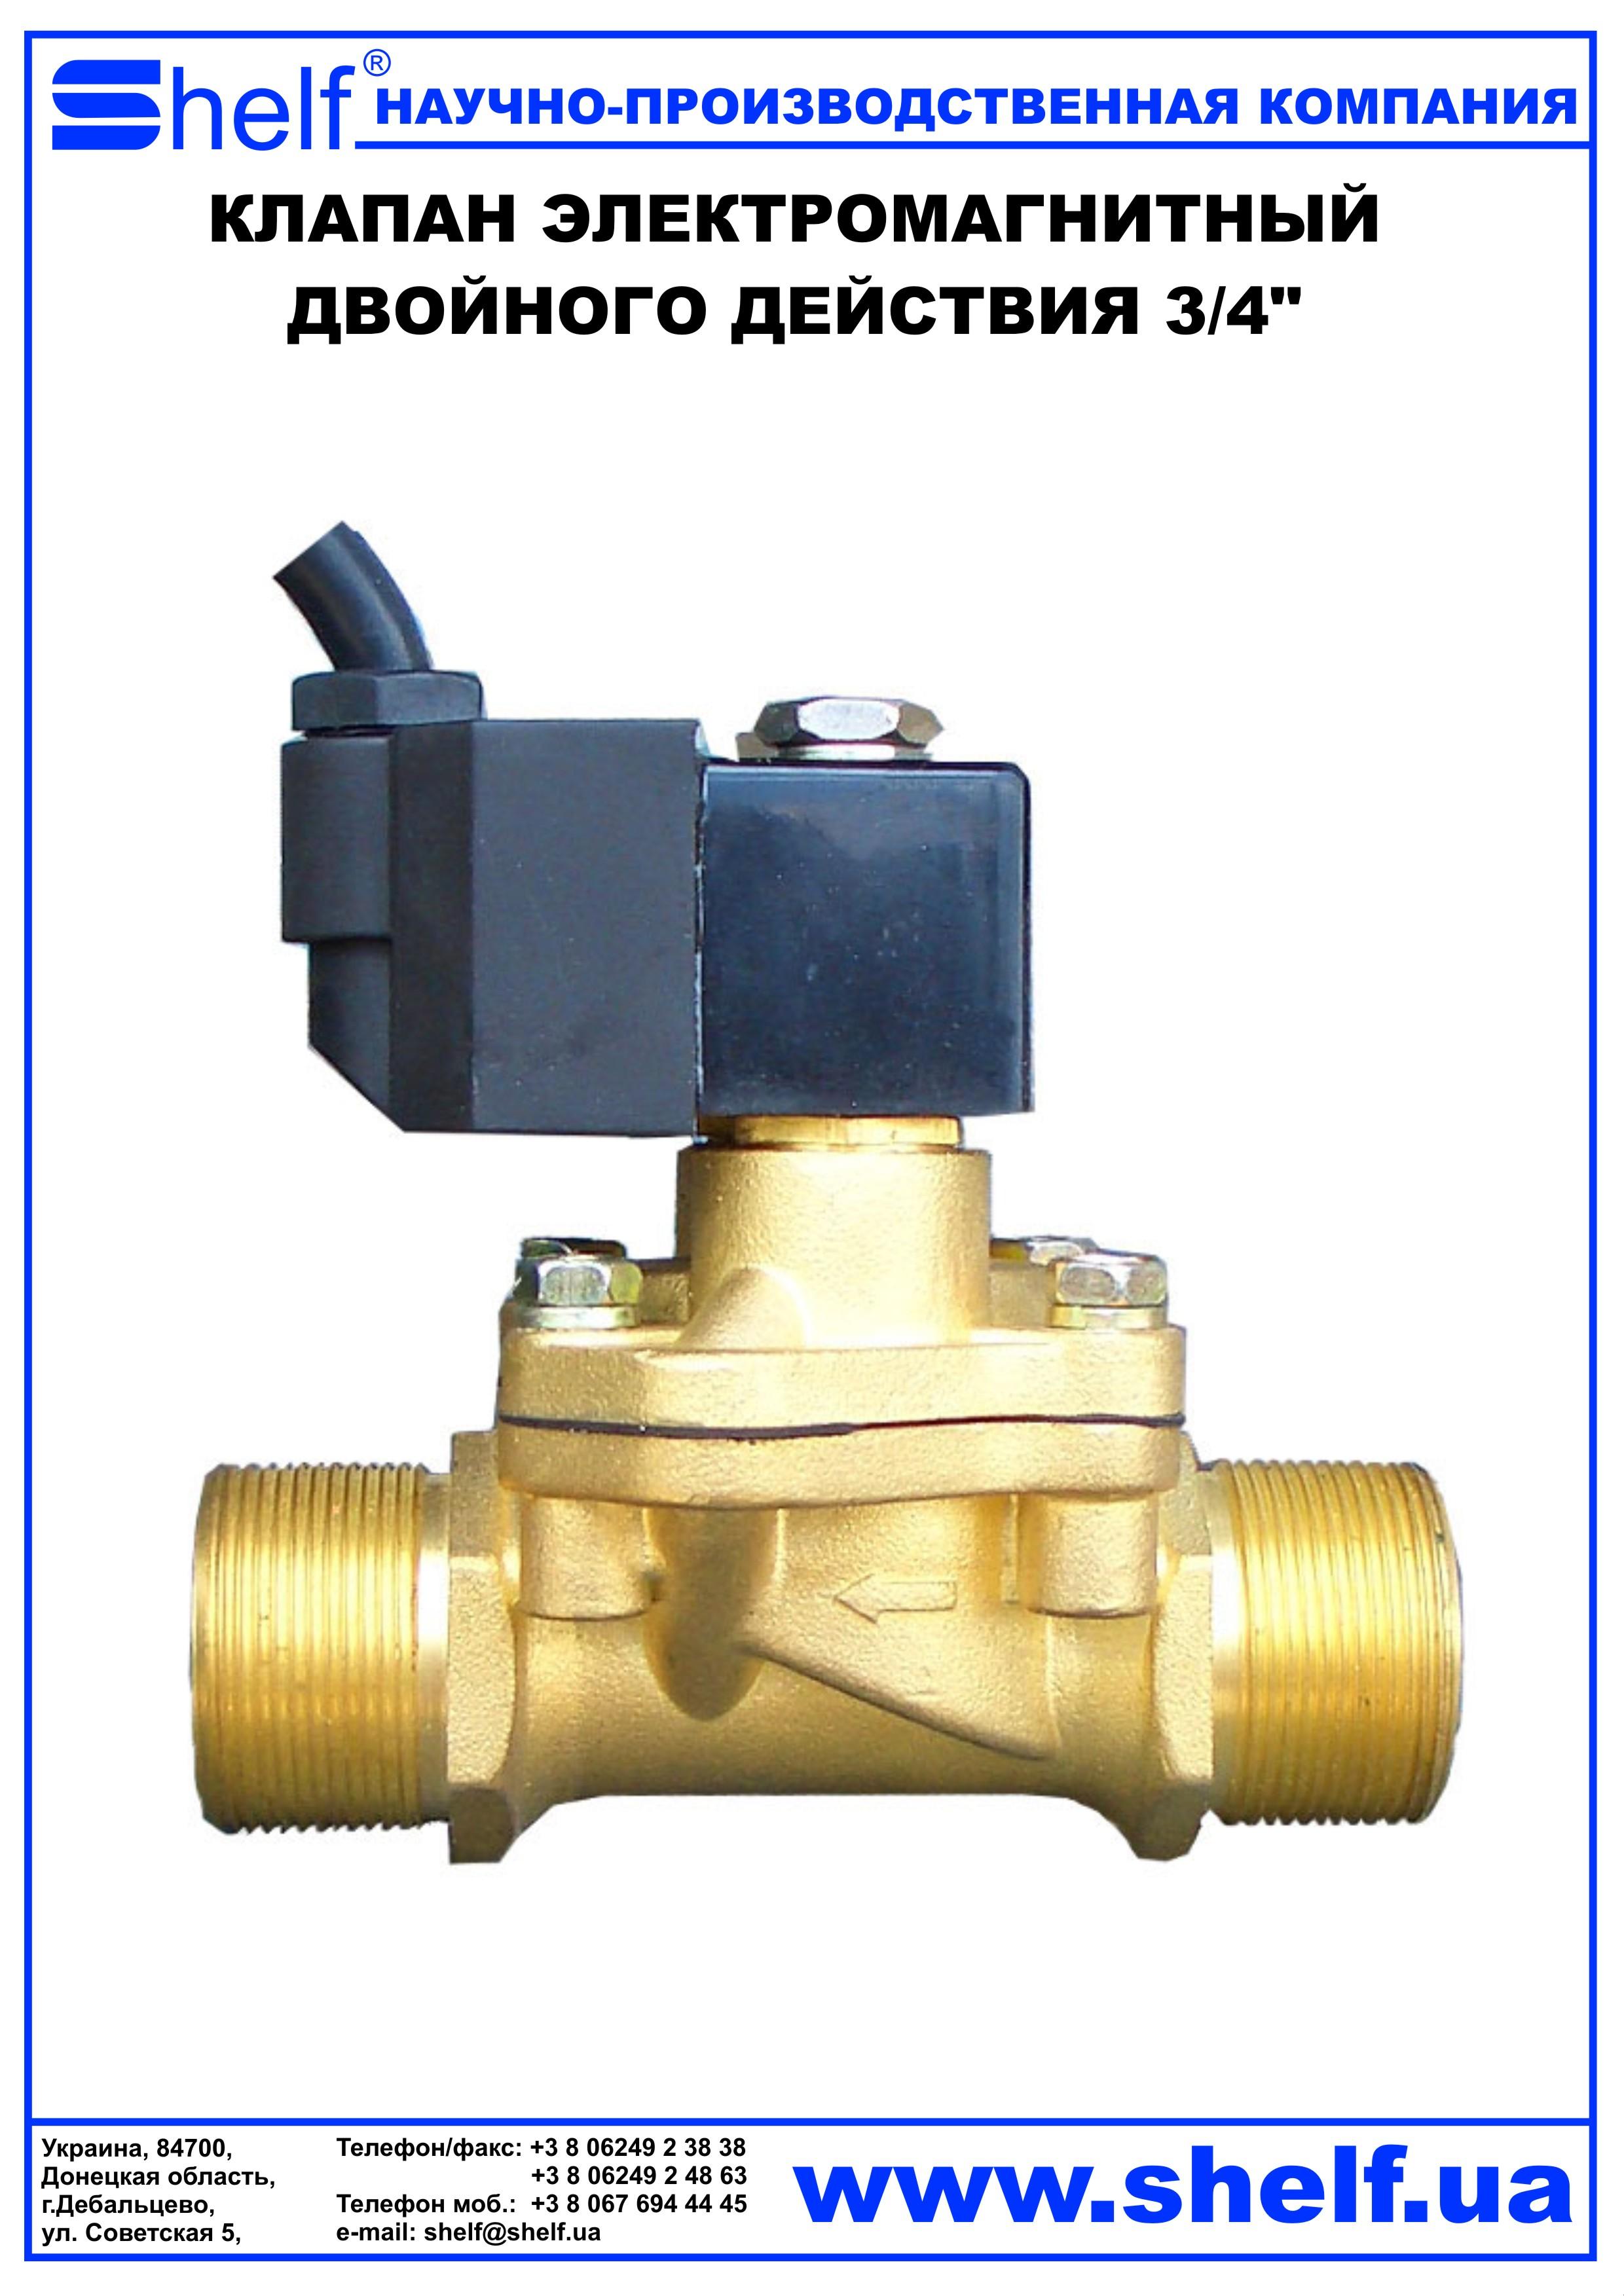 как он работает электромагнитный клапан на подачу воды нижнее белье